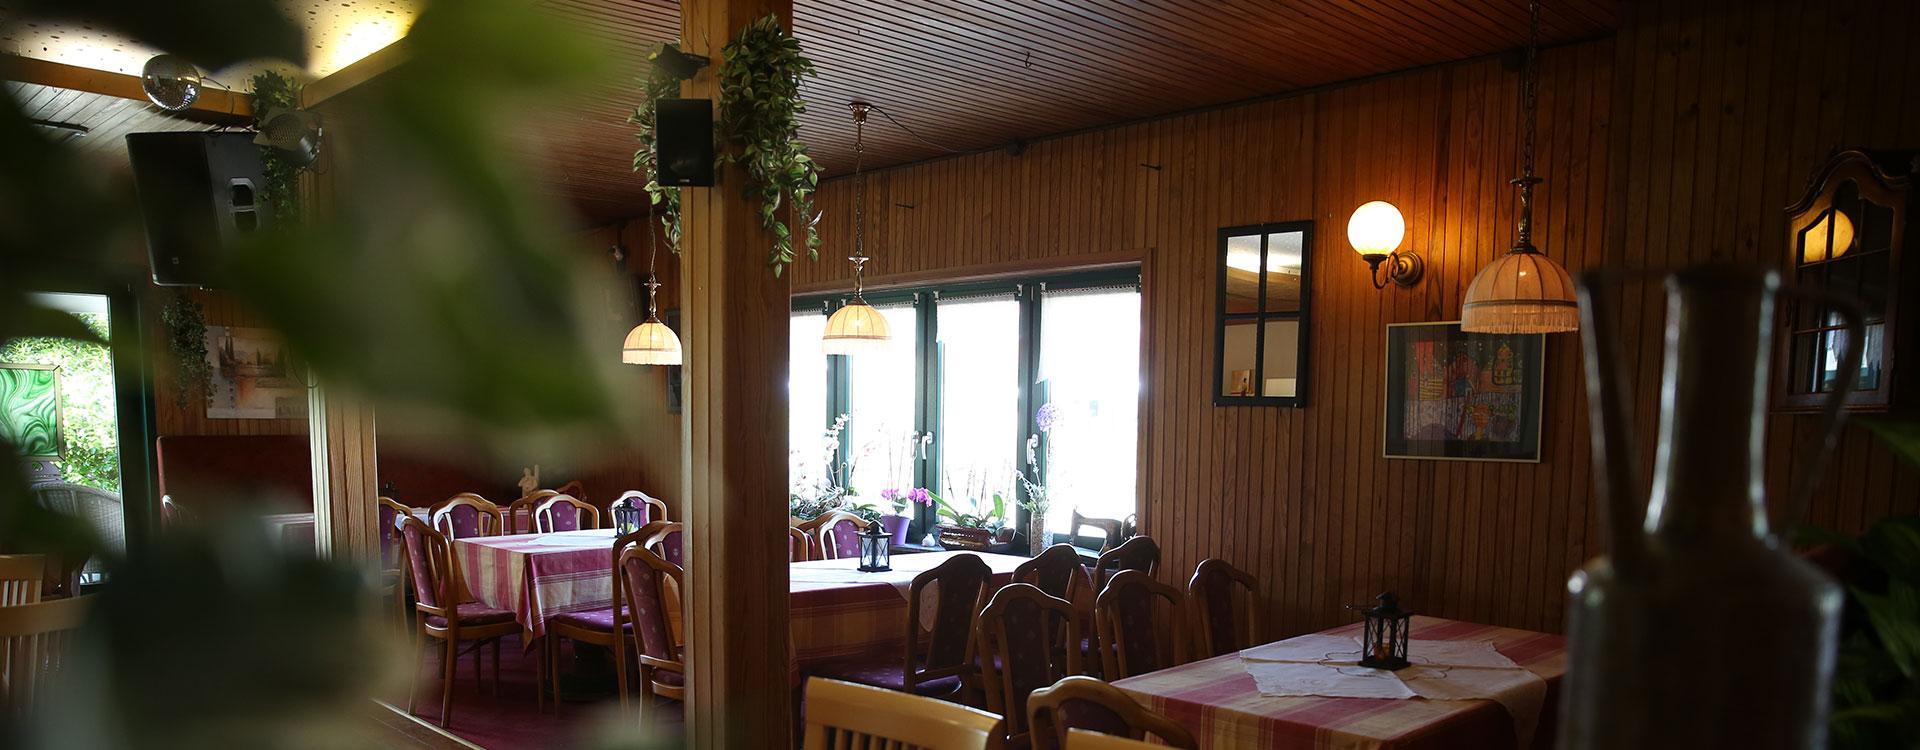 Wirtshaus Cafe Buntspecht Bad Zwischenahn